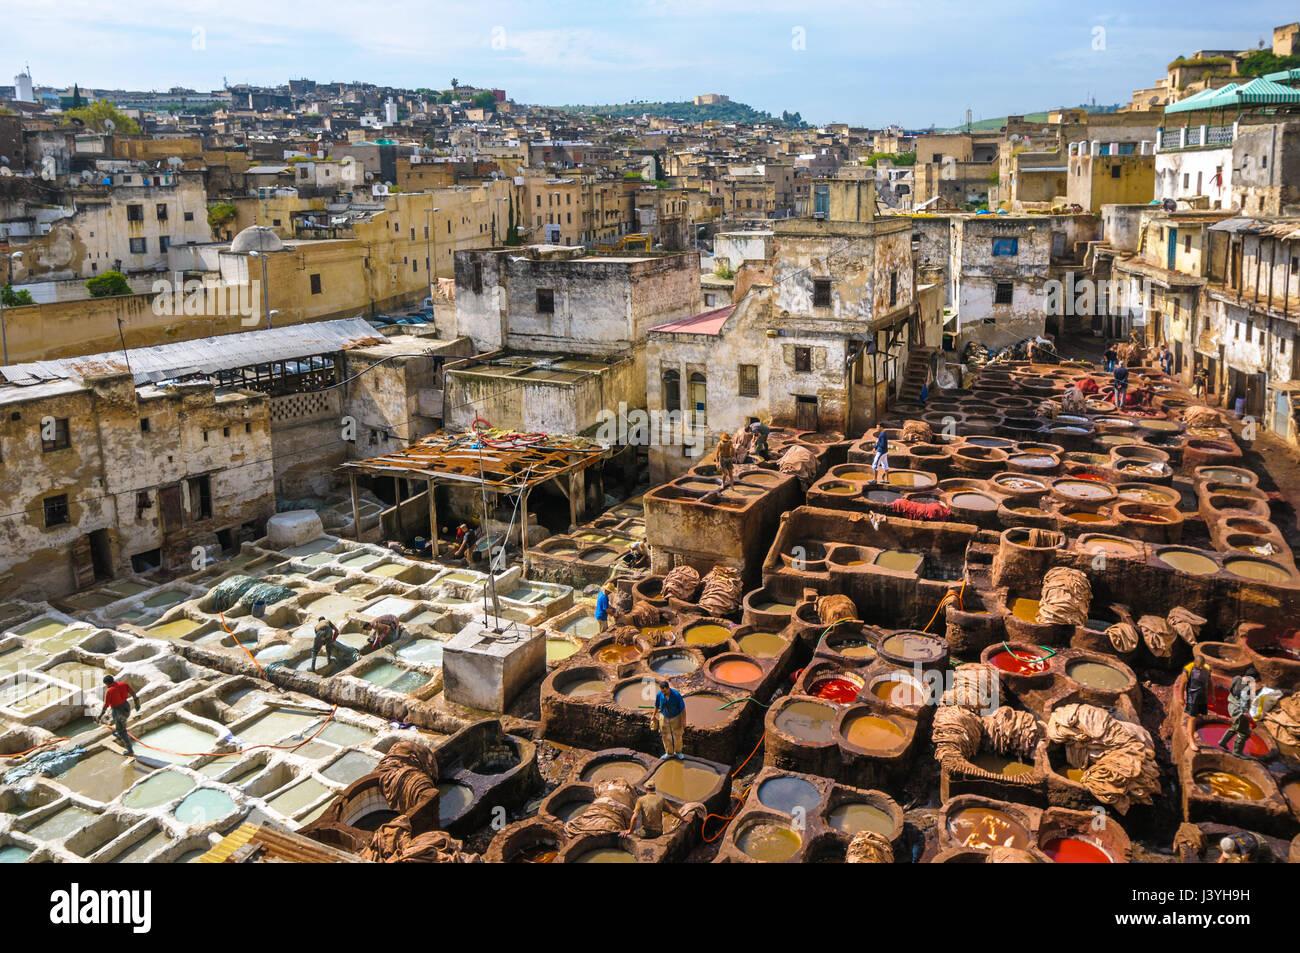 Tannerie dans fes, Maroc Photo Stock